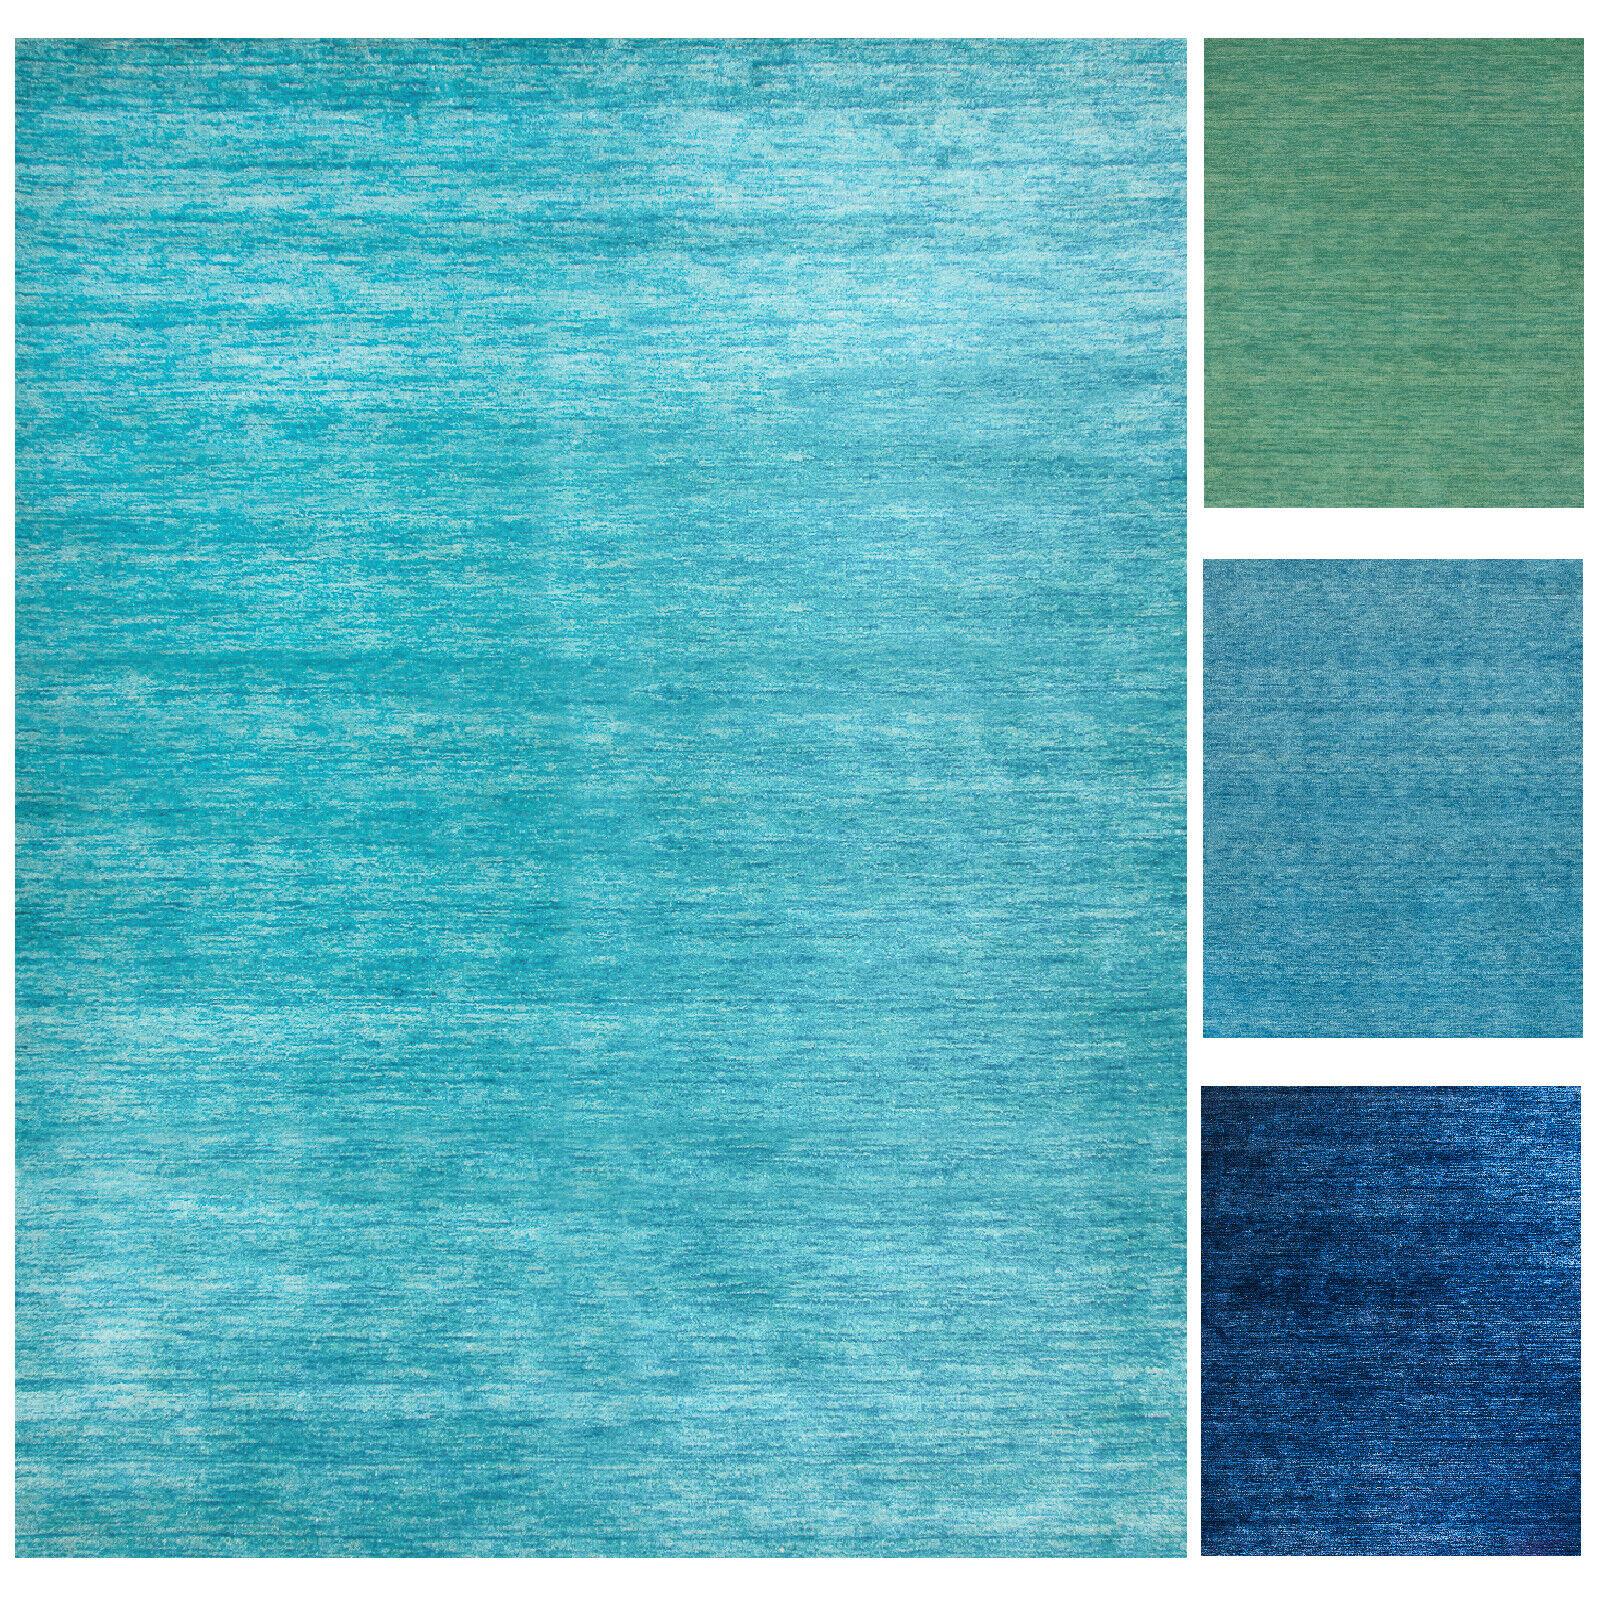 Morgenland Gabbeh Teppich UNI Blautöne Türkis Einfarbig Handgewebt Schurwolle